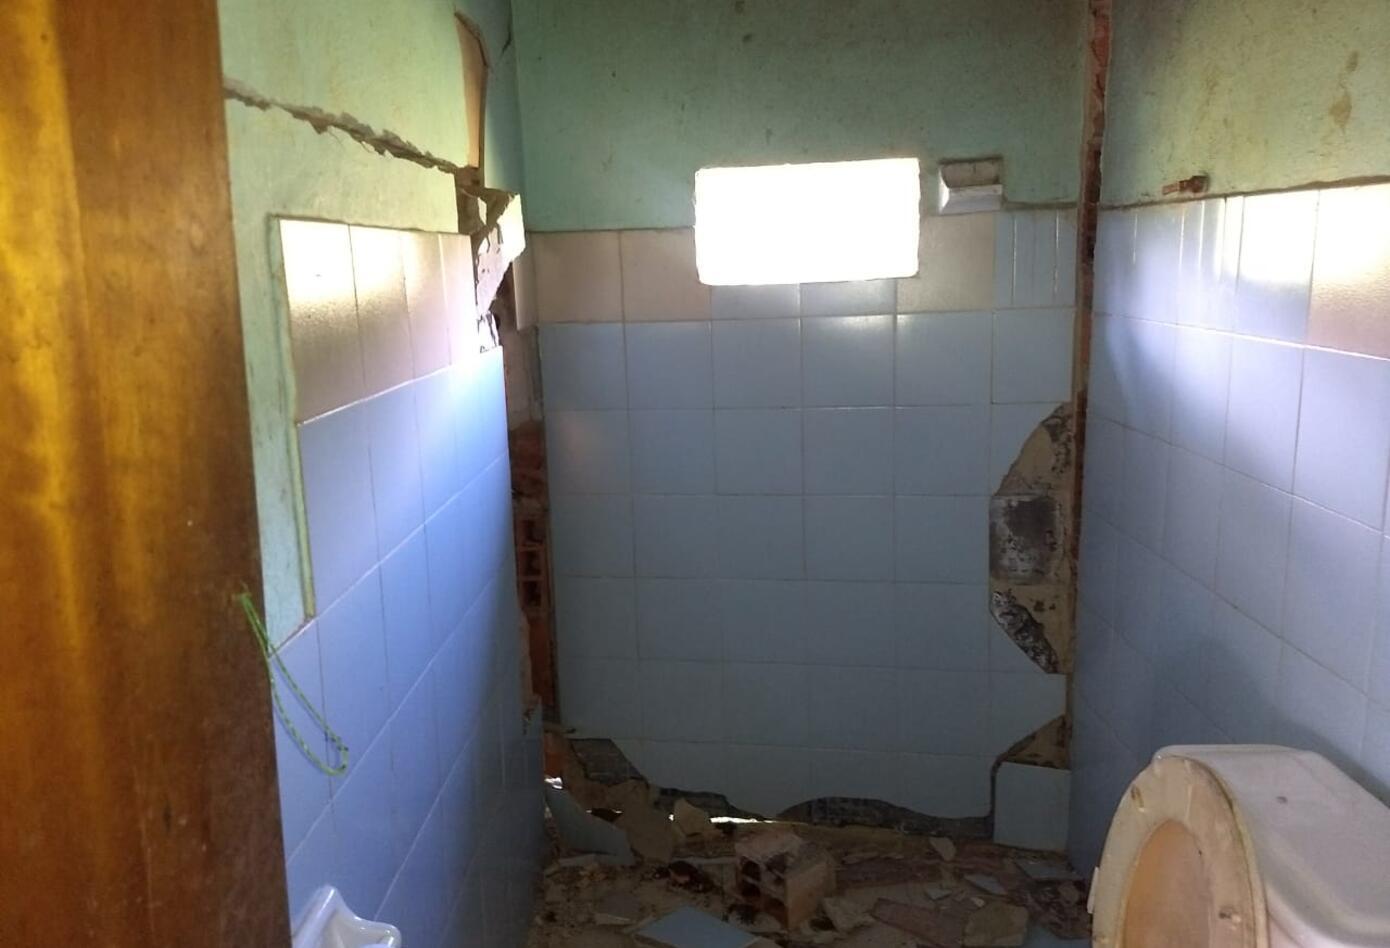 Las casas presenta graves grietas y están en riesgo inminente de colapso.